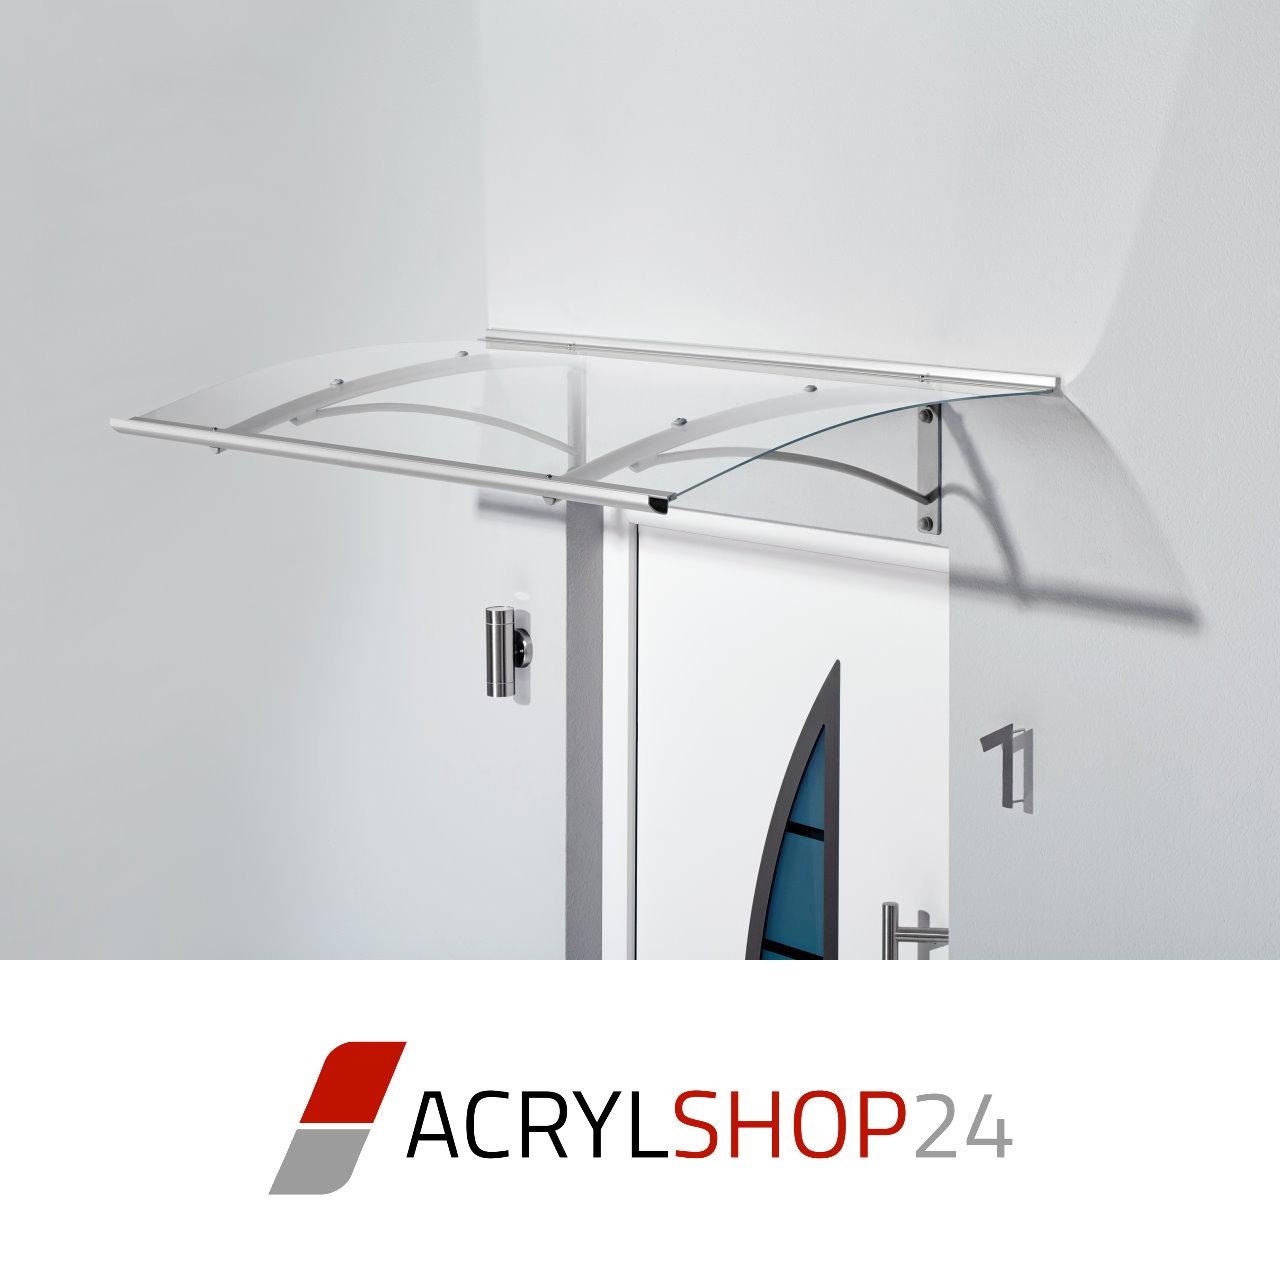 Vordach Pultvordach - Rahmen und Träger weiß pulverbeschichtet ...